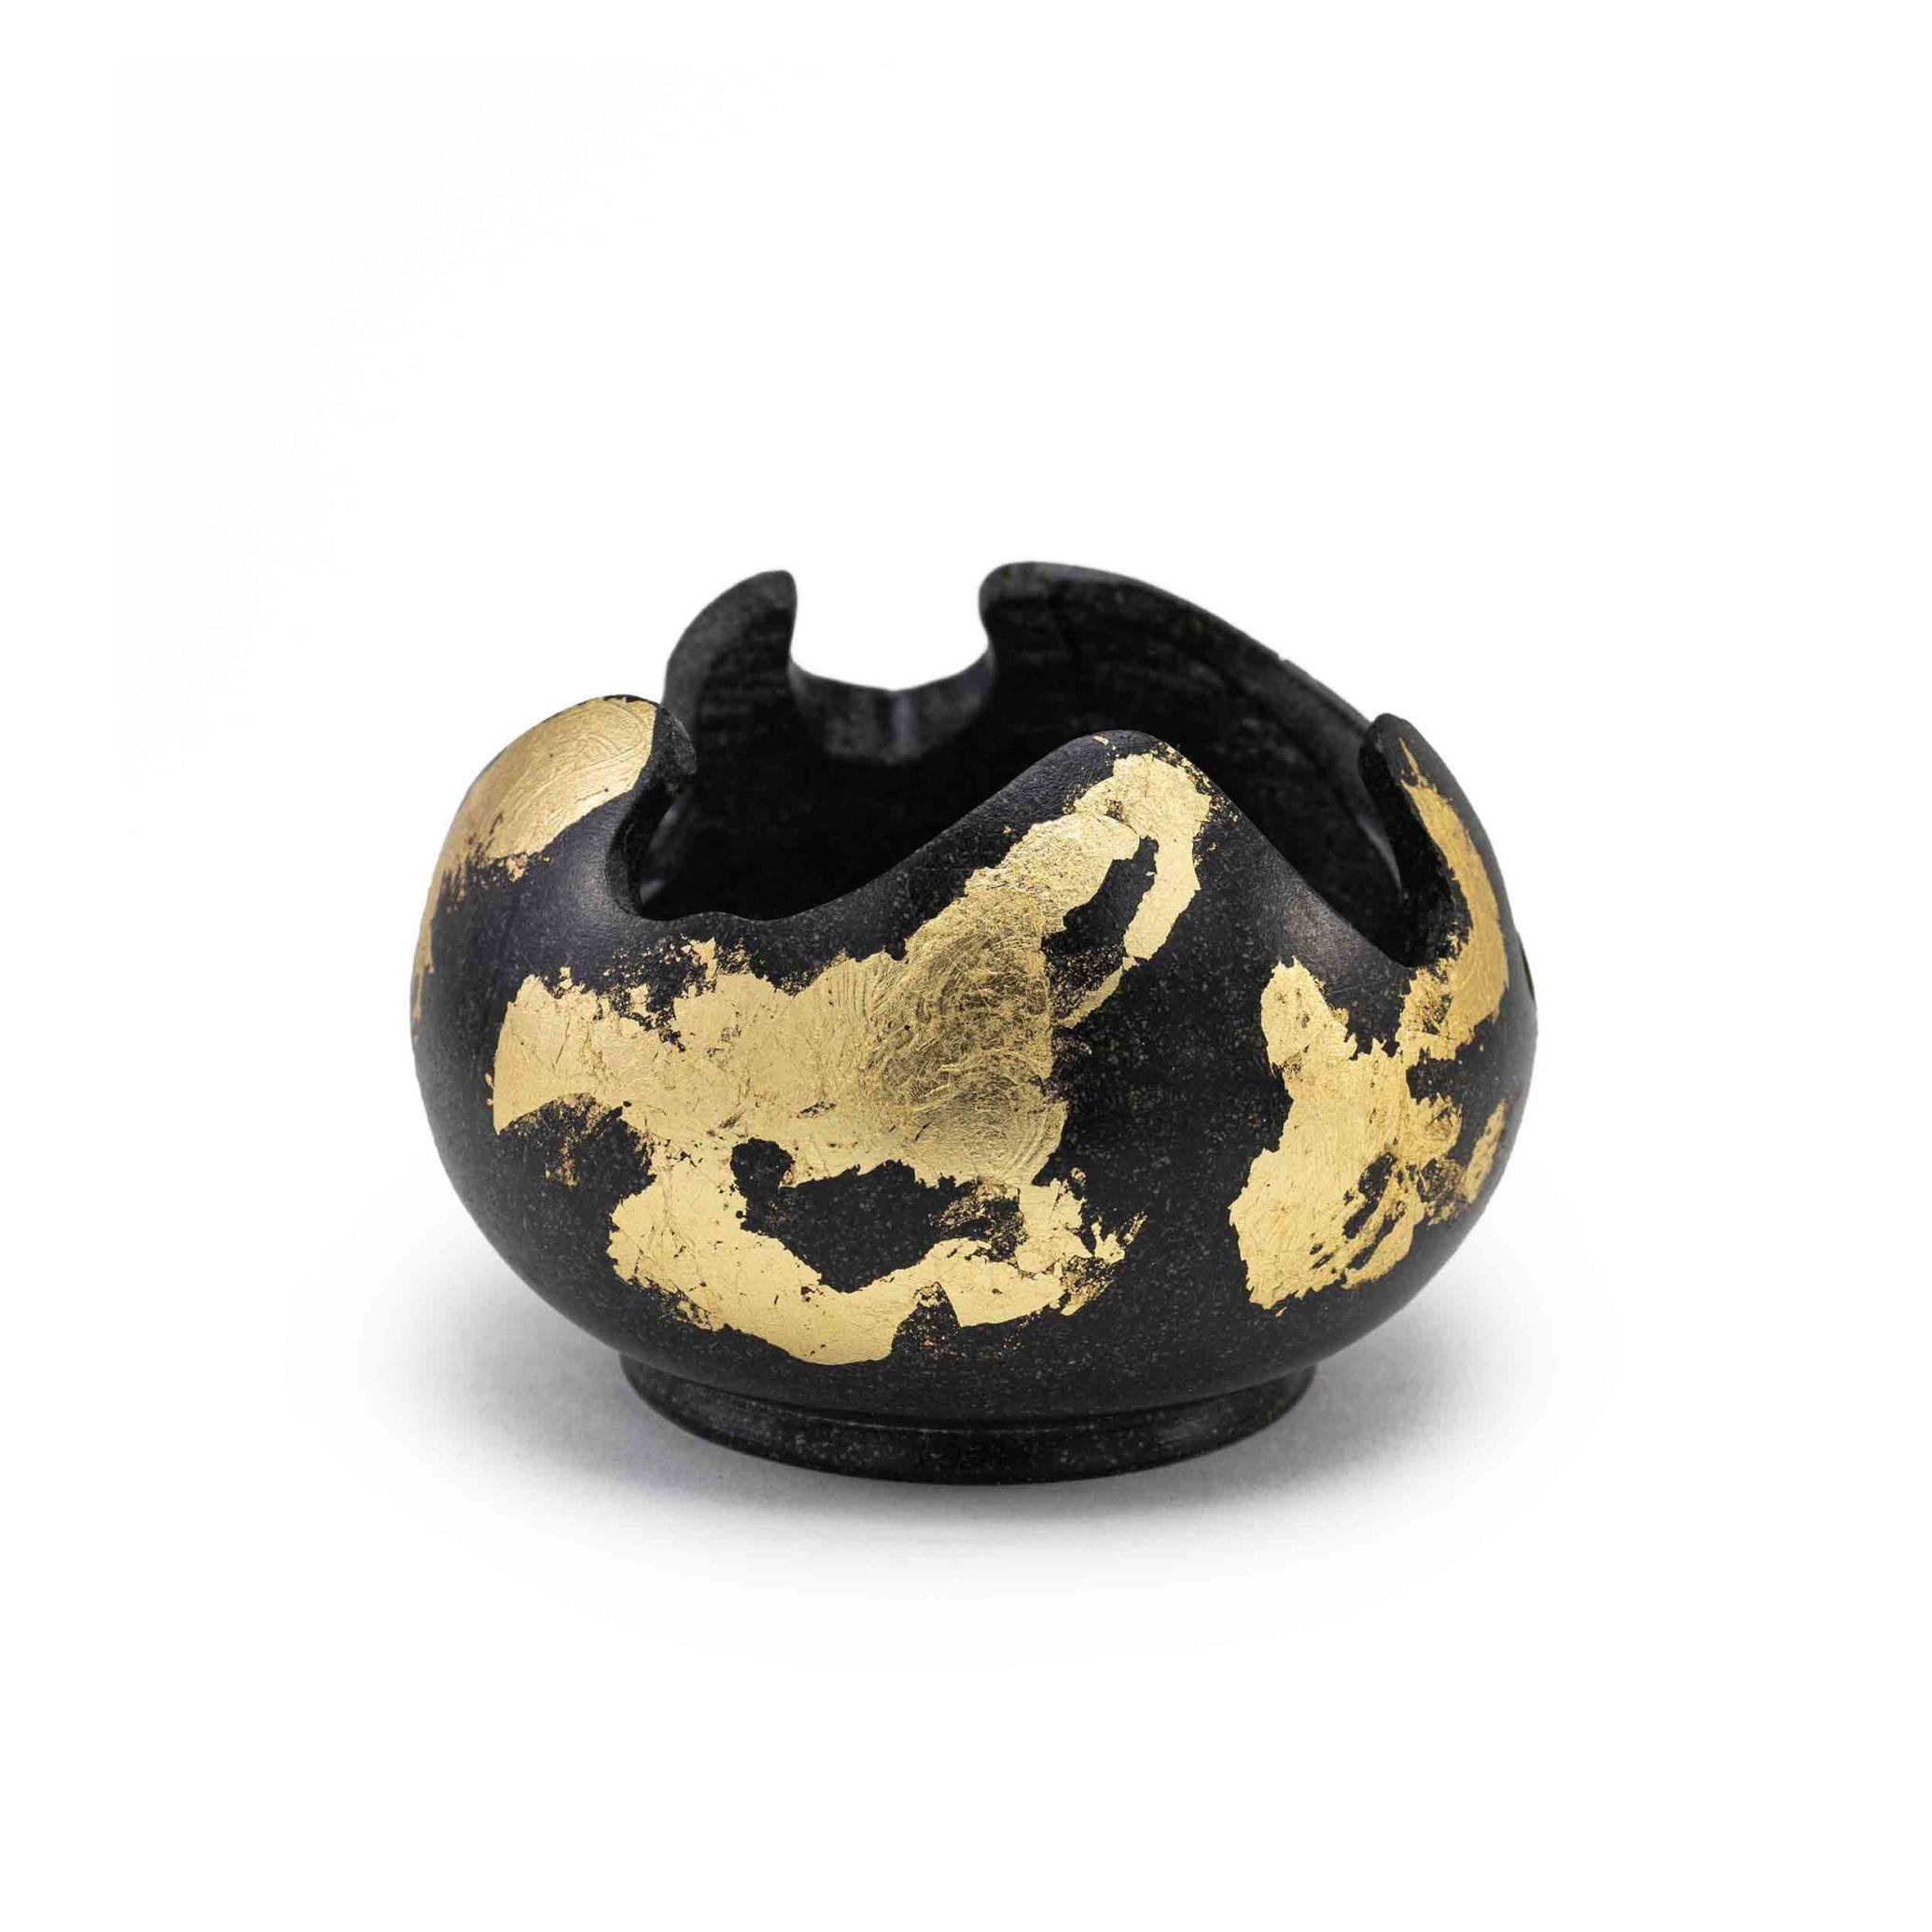 شعمدان سنگی ساخته شده از سنگ سرپانتین، شمعدان دکوری و شمعدان کادویی